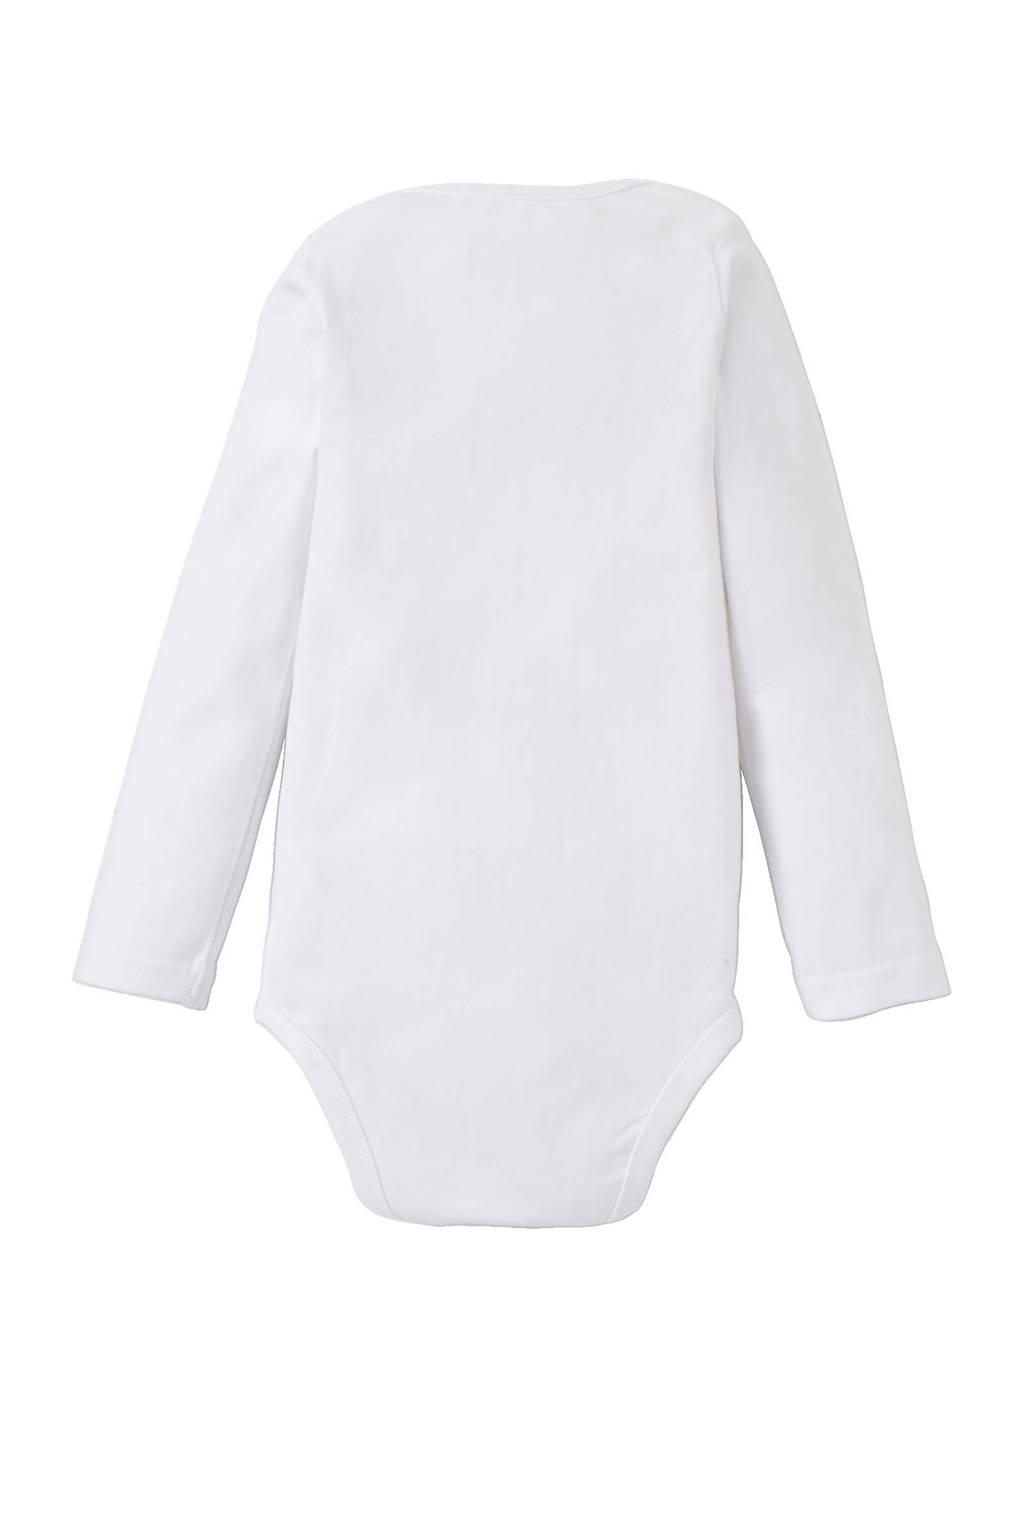 Dirkje baby romper - set van 2 wit/lichtroze, Lichtroze/wit, Lange mouw